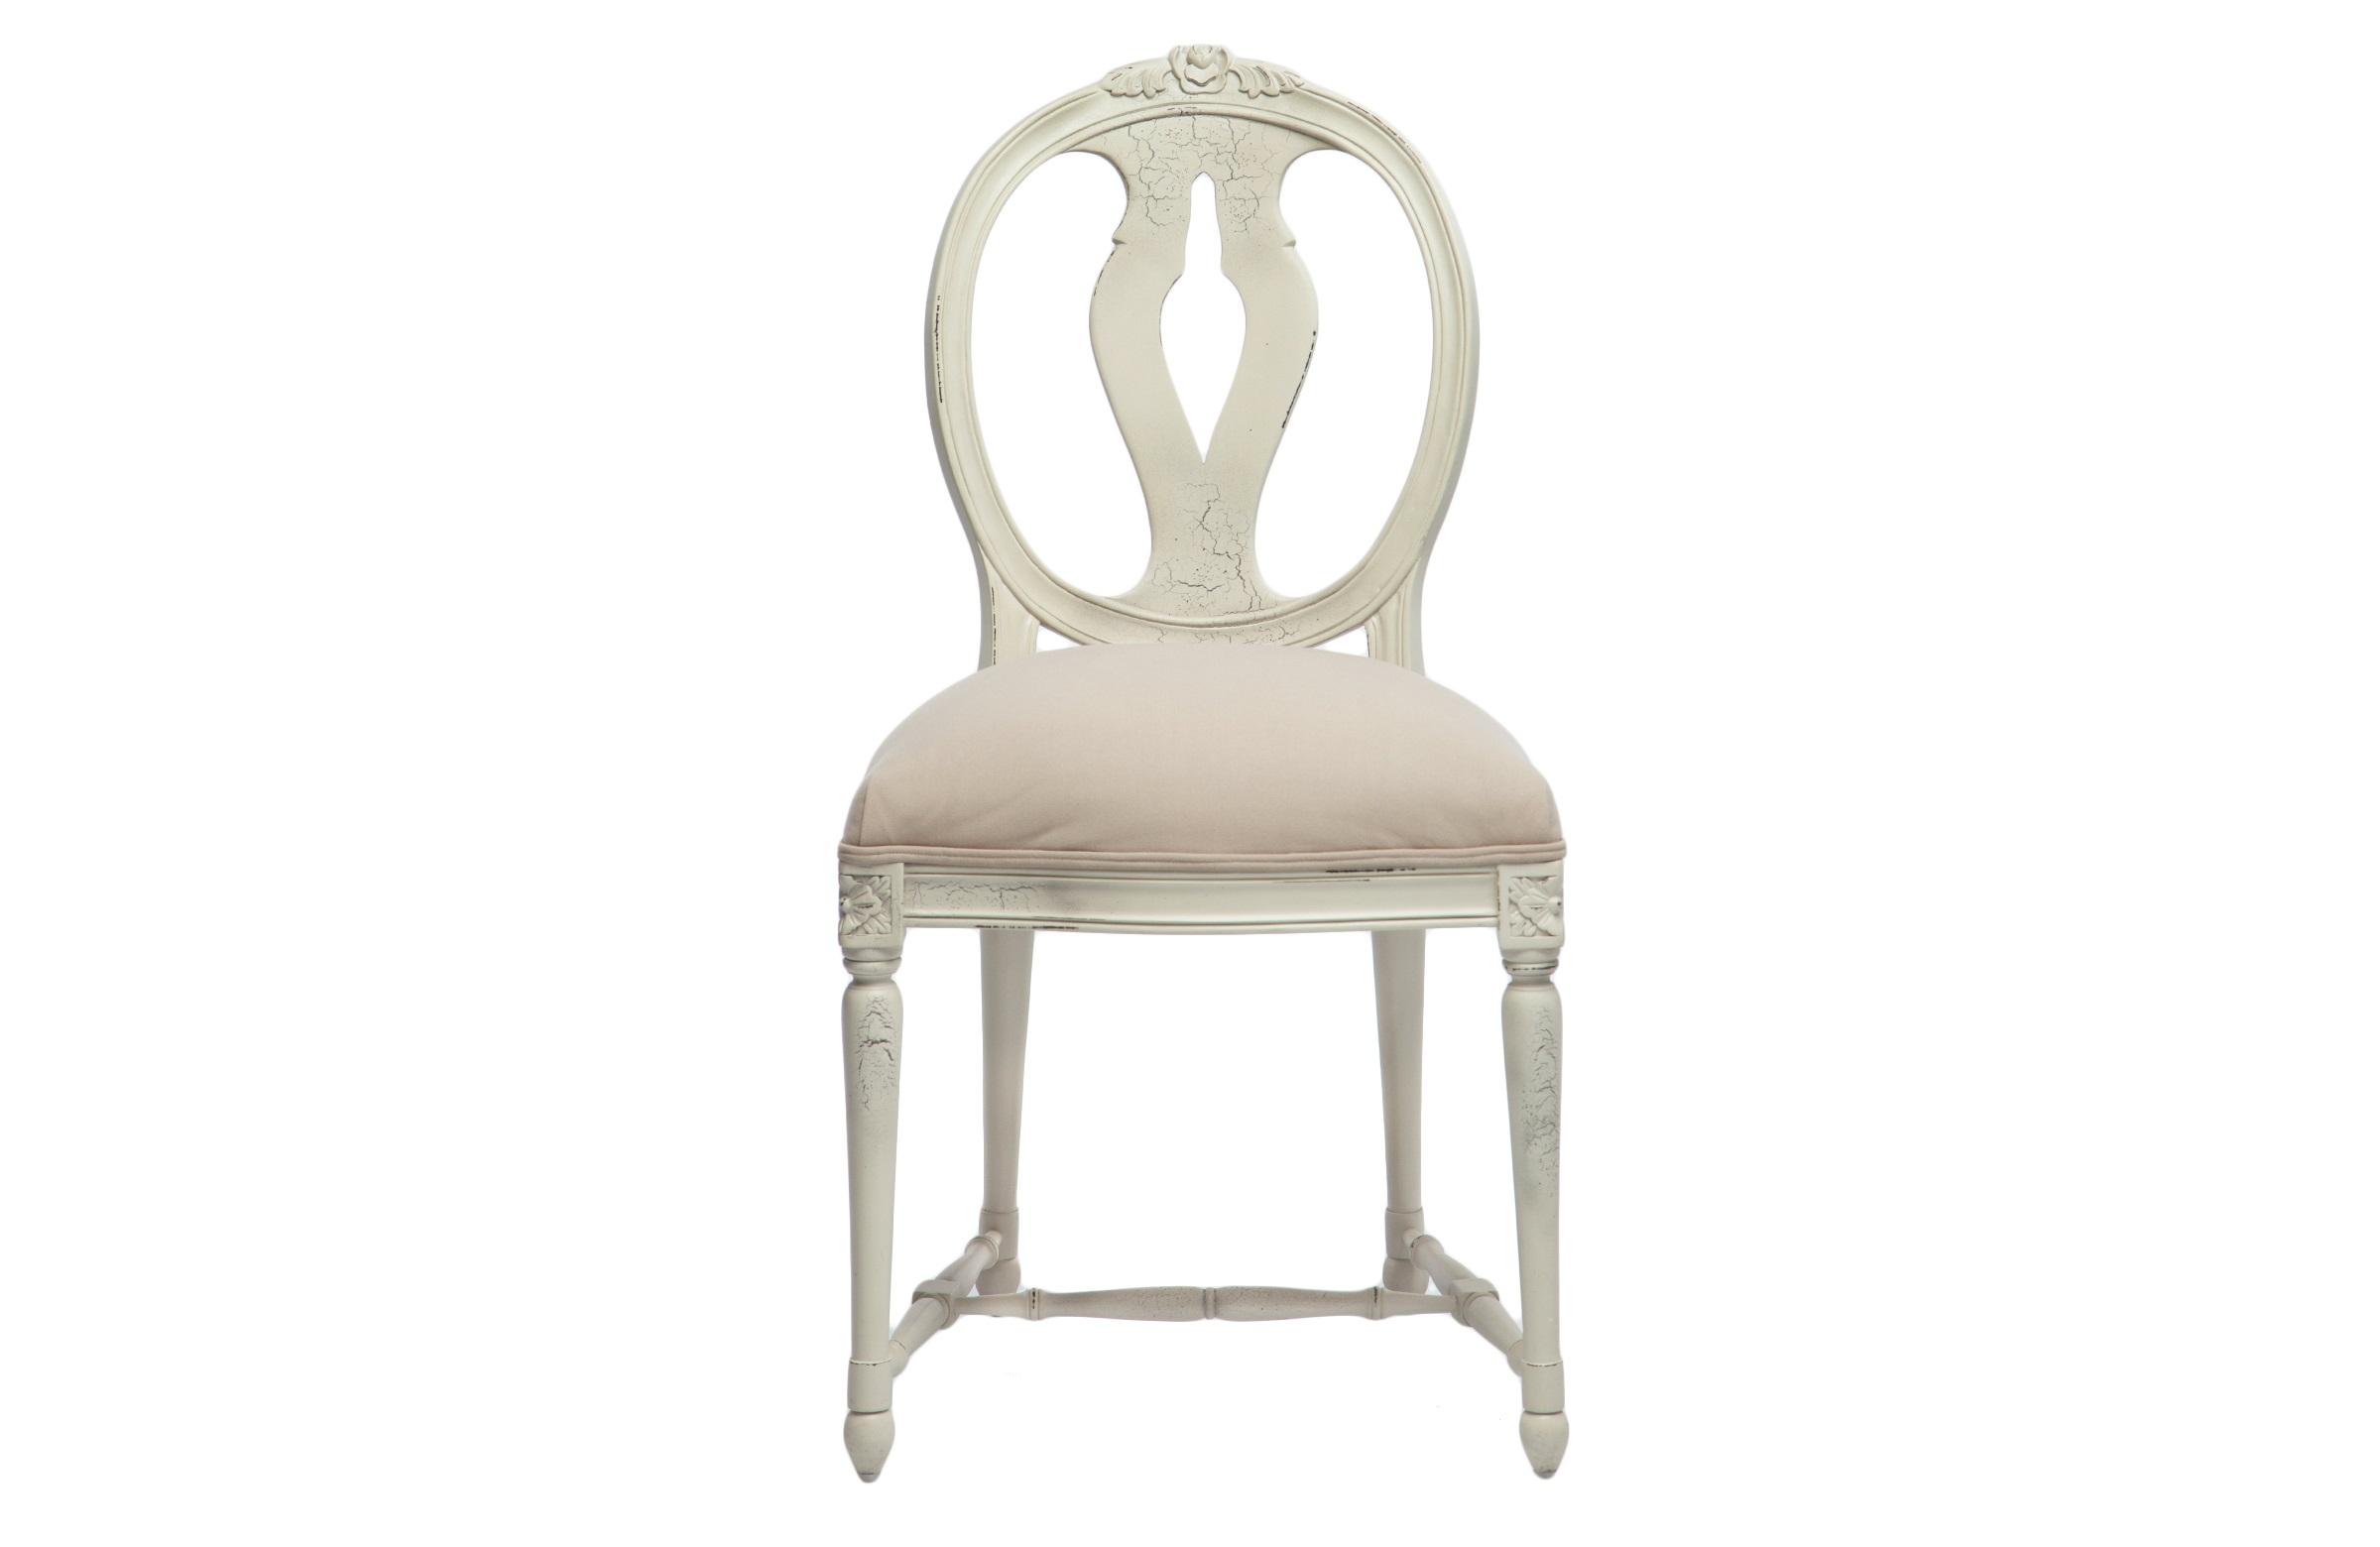 Стул ЮлианнаОбеденные стулья<br>Стул с круглой спинкой из дерева махагони, украшен резьбой и старением в технике кракелюр.<br><br>Material: Красное дерево<br>Ширина см: 55<br>Высота см: 97<br>Глубина см: 51